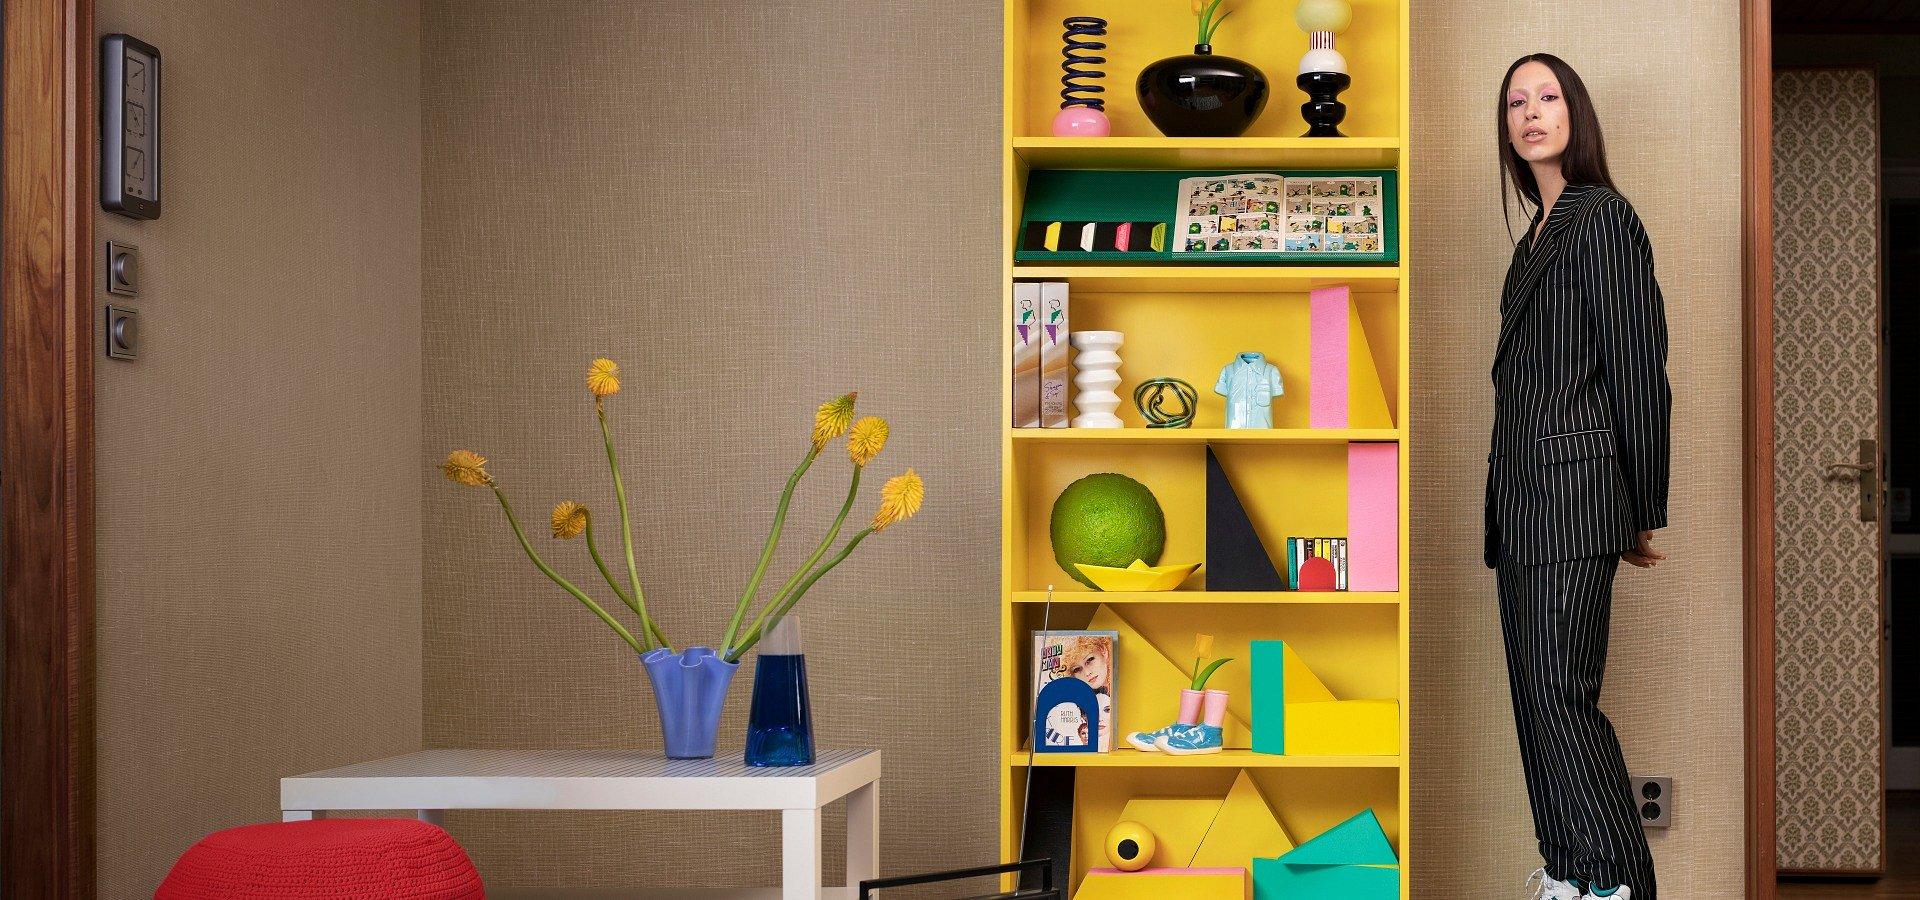 40-letni BILLY nieustannie w doskonałej formie! IKEA zdradza sekret na długowieczność.